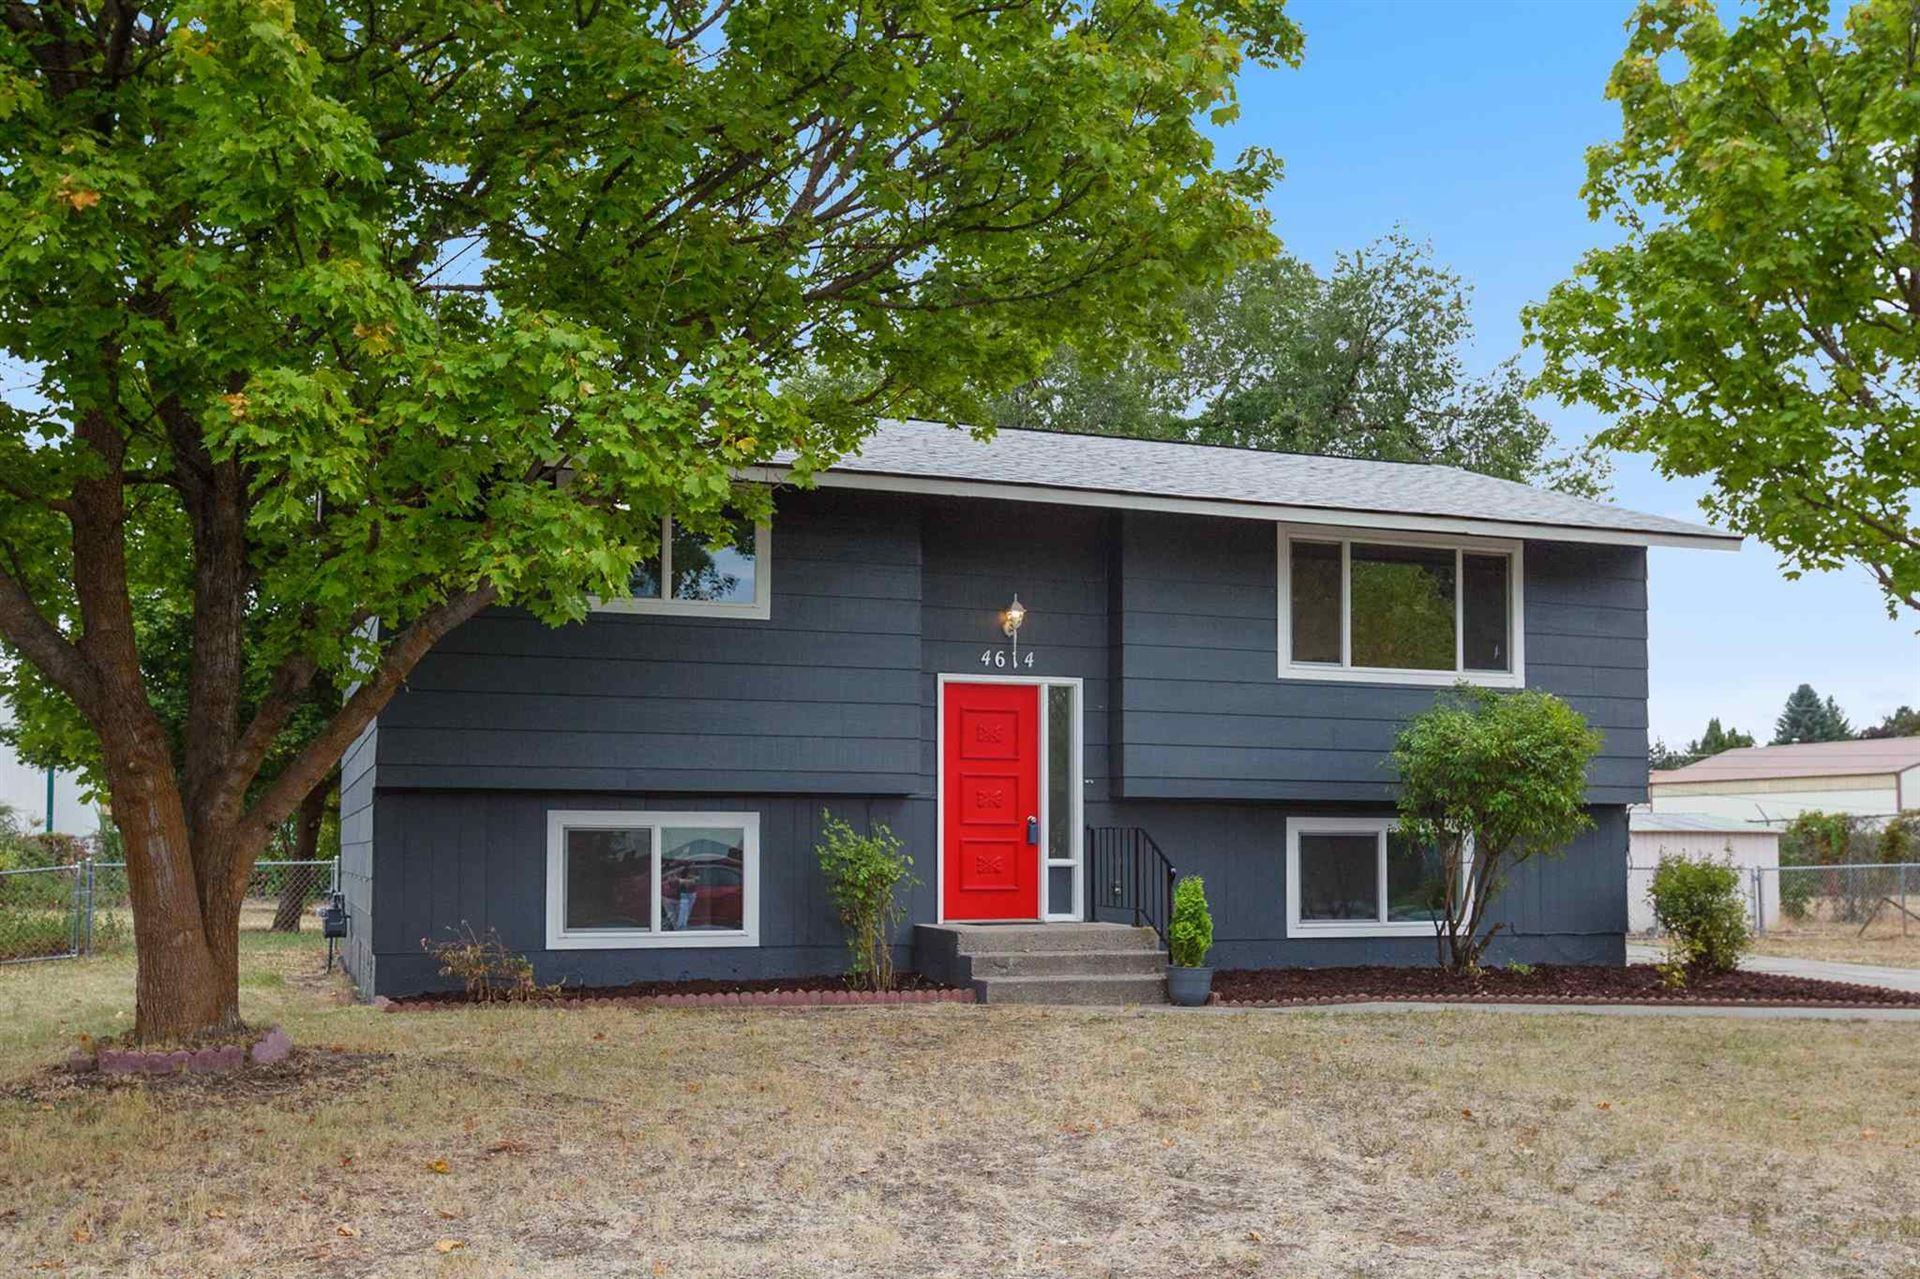 4614 N N Isenhart Rd, Spokane Valley, WA 99216 - #: 202122575